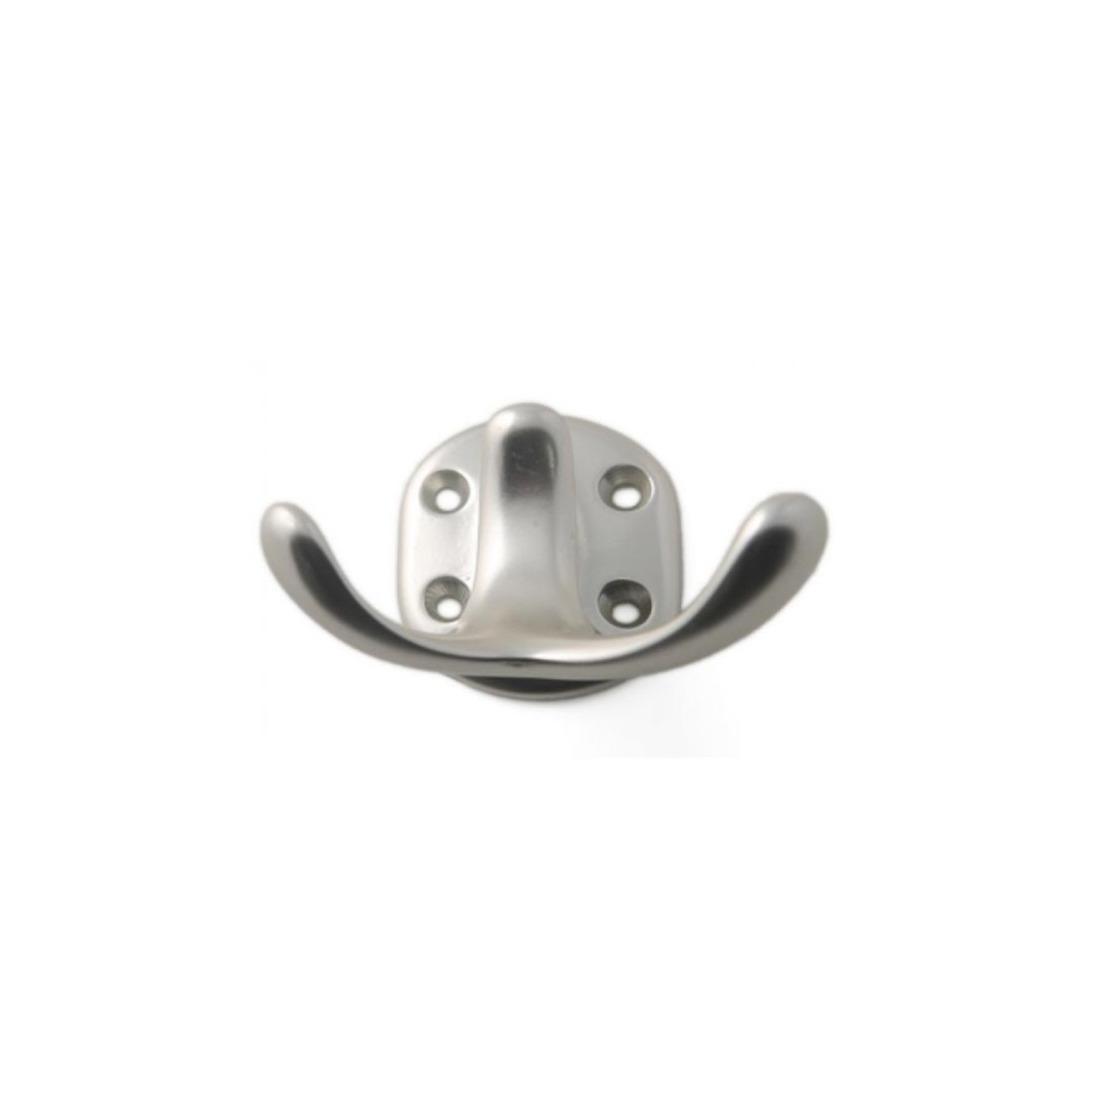 1x Zilverkleurig antieke garderobe haakjes-jashaken-kapstokhaakjes aluminium dubbele haak 5 x 7 cm